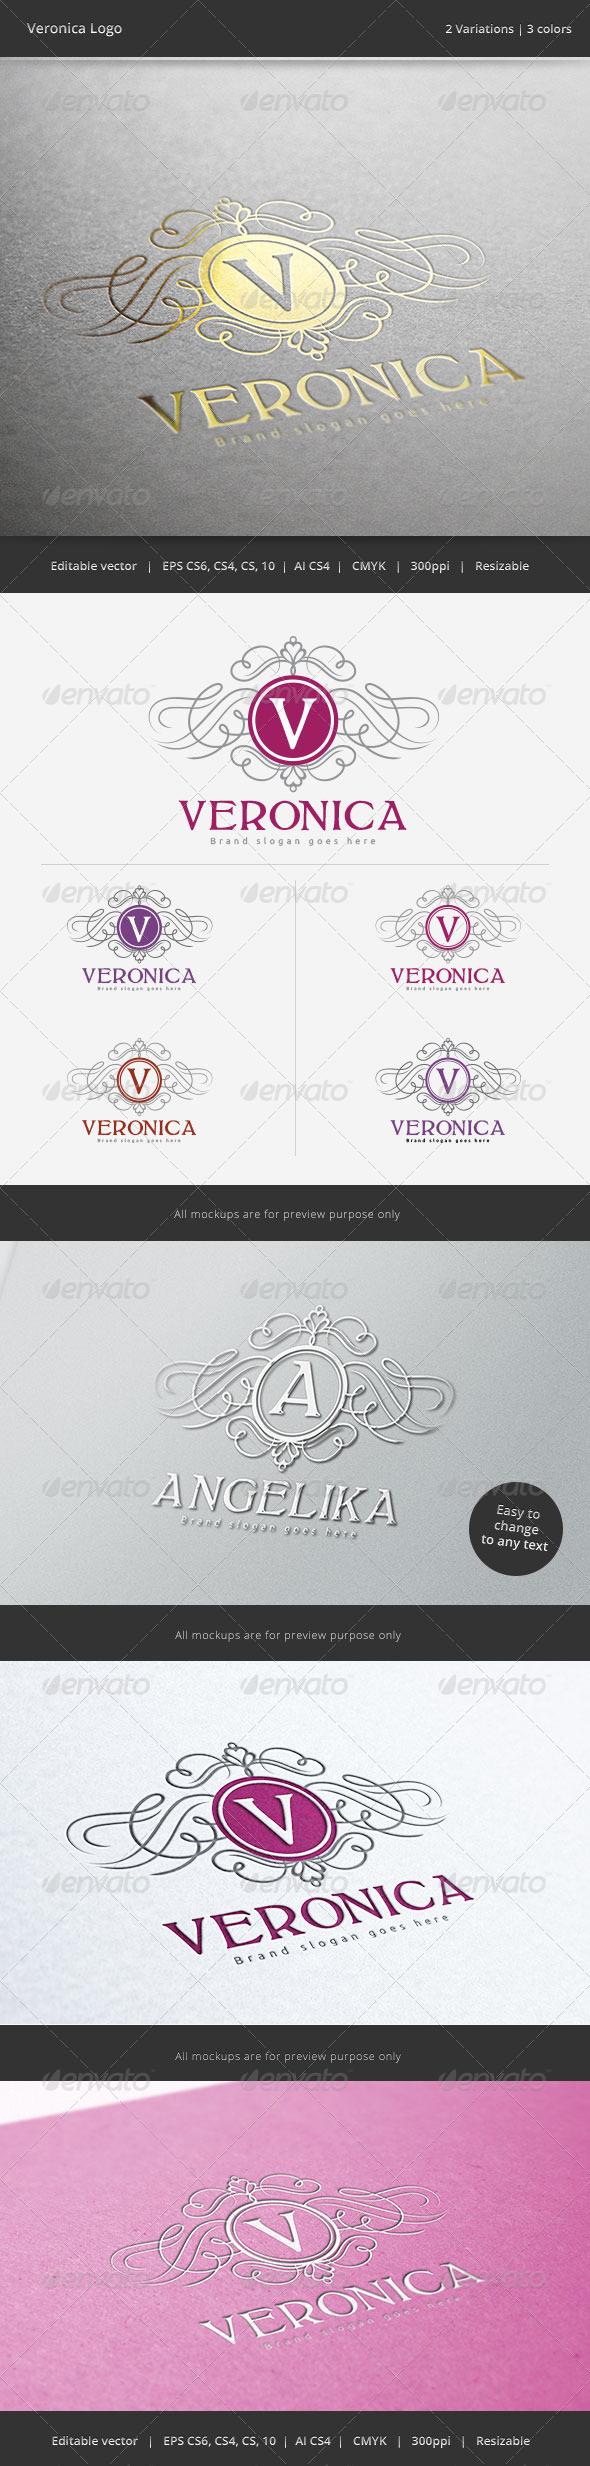 GraphicRiver Veronica V Letter Crest Logo 6144290